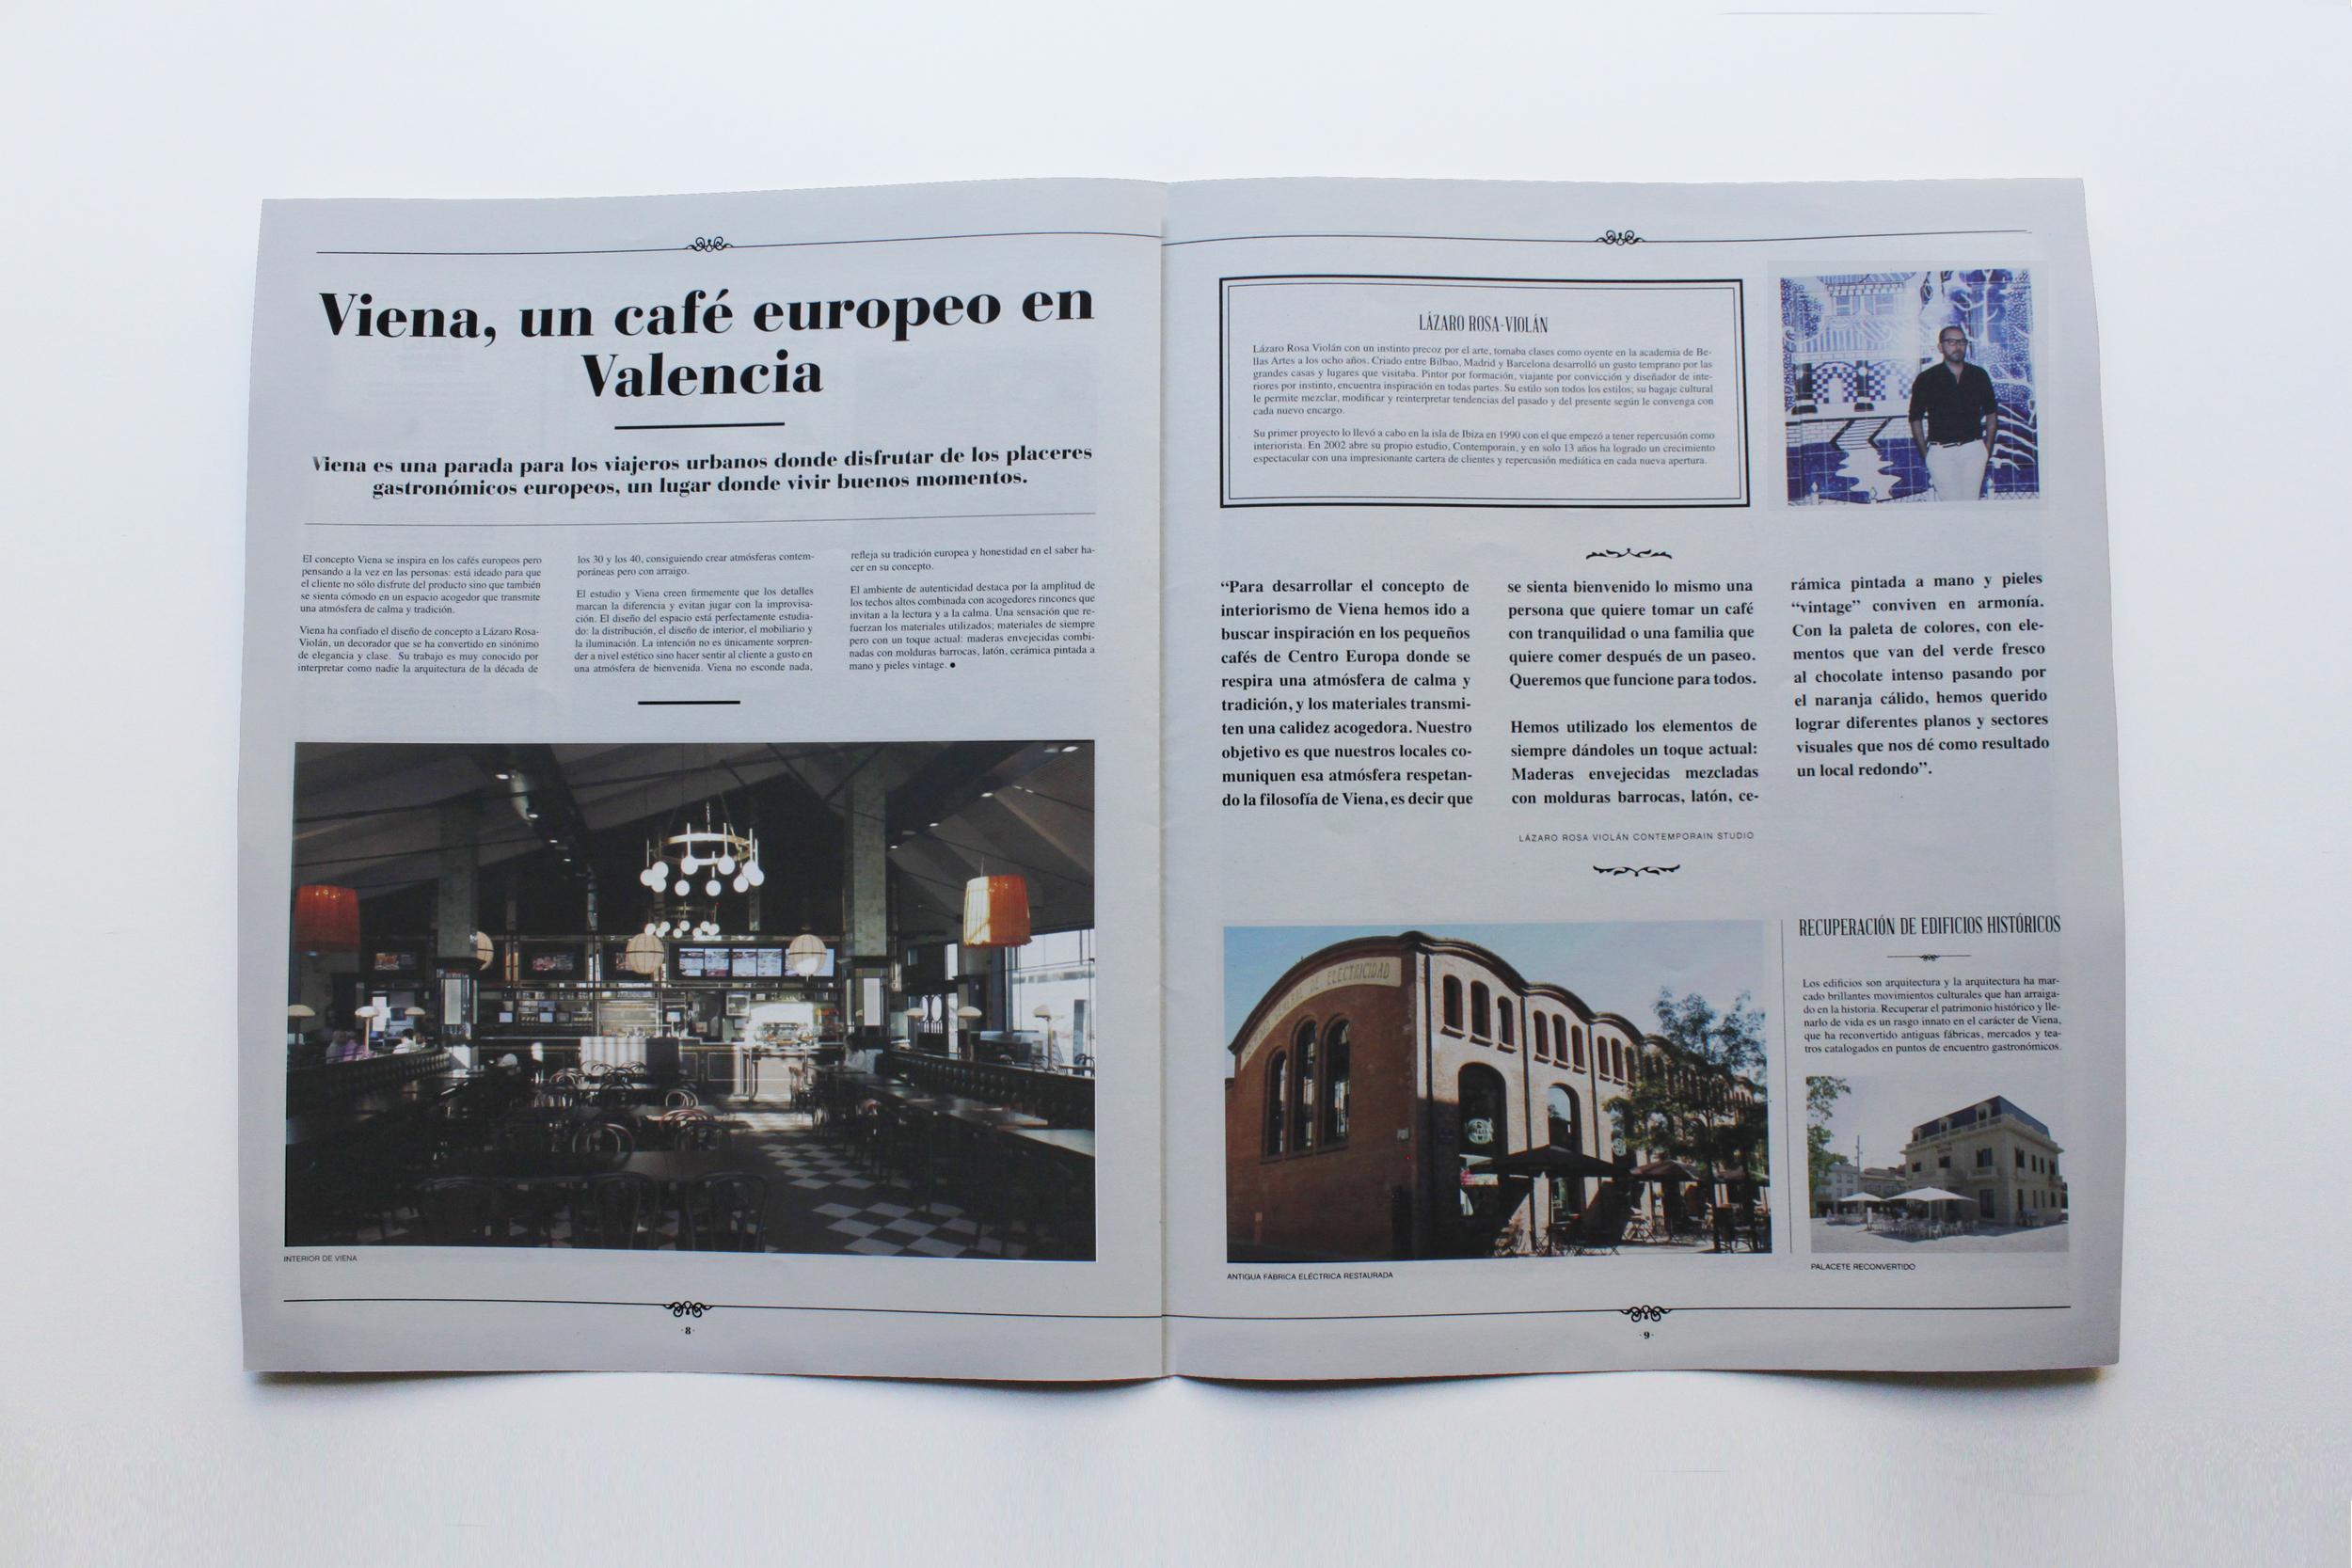 DiarioMontajesInterior3.jpg